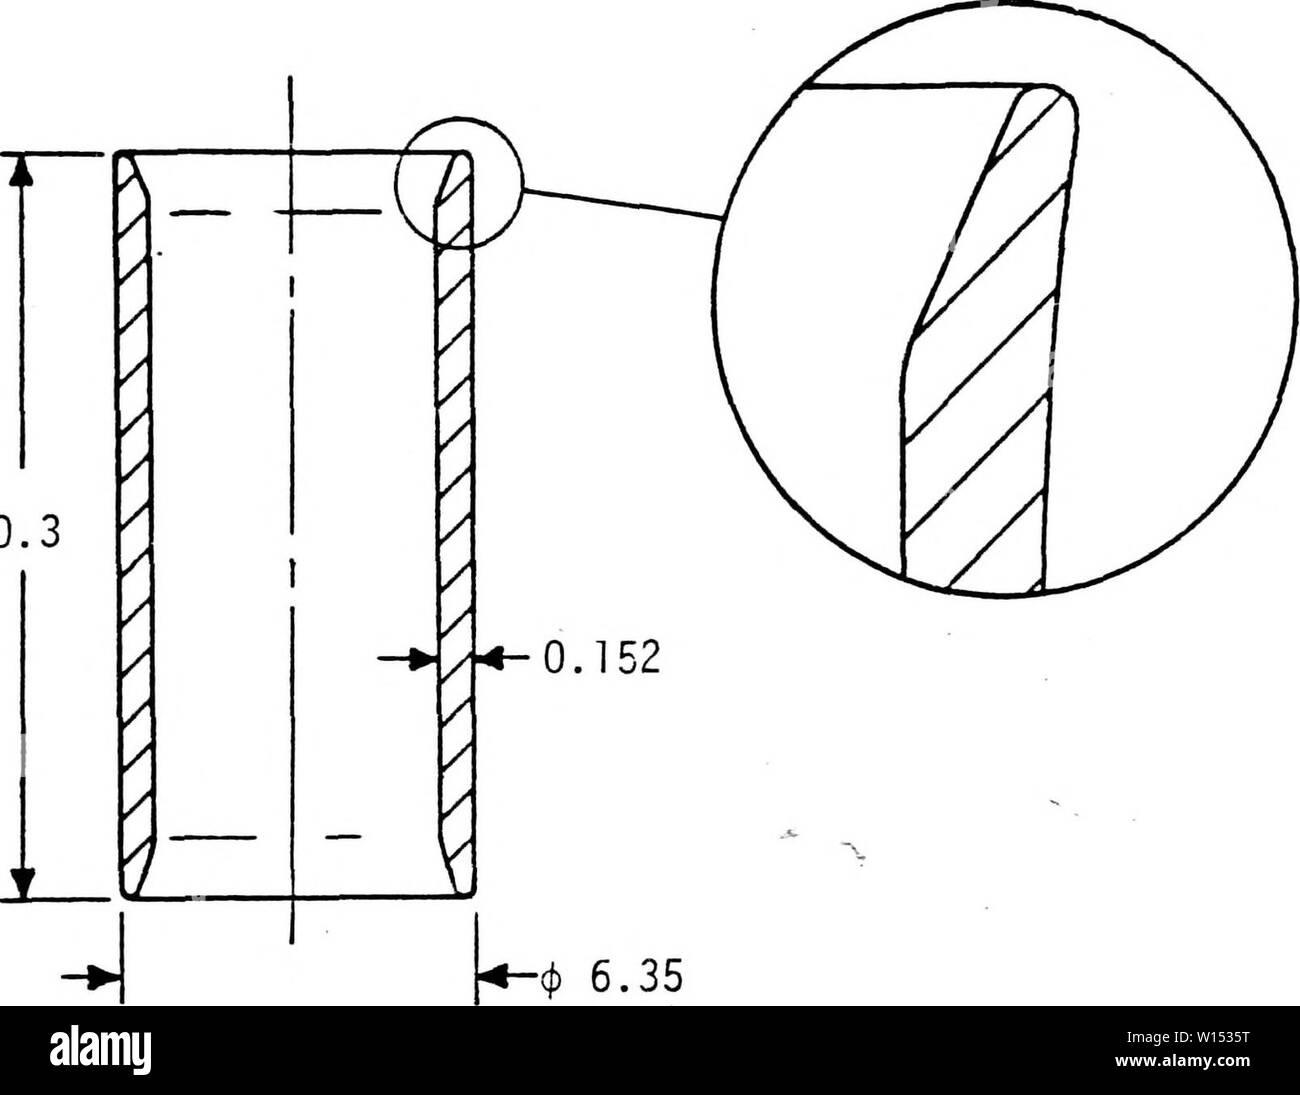 Immagine di archivio da pagina 107 delle caratteristiche dielettriche di PZT 955. Caratteristiche dielettriche di PZT 95/5 ceramica ferroelettrica ad alte pressioni . dielectriccharac00spea Anno: 1977 99 20.3 - 6,35 FIGURA E-l. Dimensioni di acciaio inossidabile 304 capsule usata per contenere il campione, manganin gage e fluido. Dimensioni in mm. 3.81 Immagini Stock